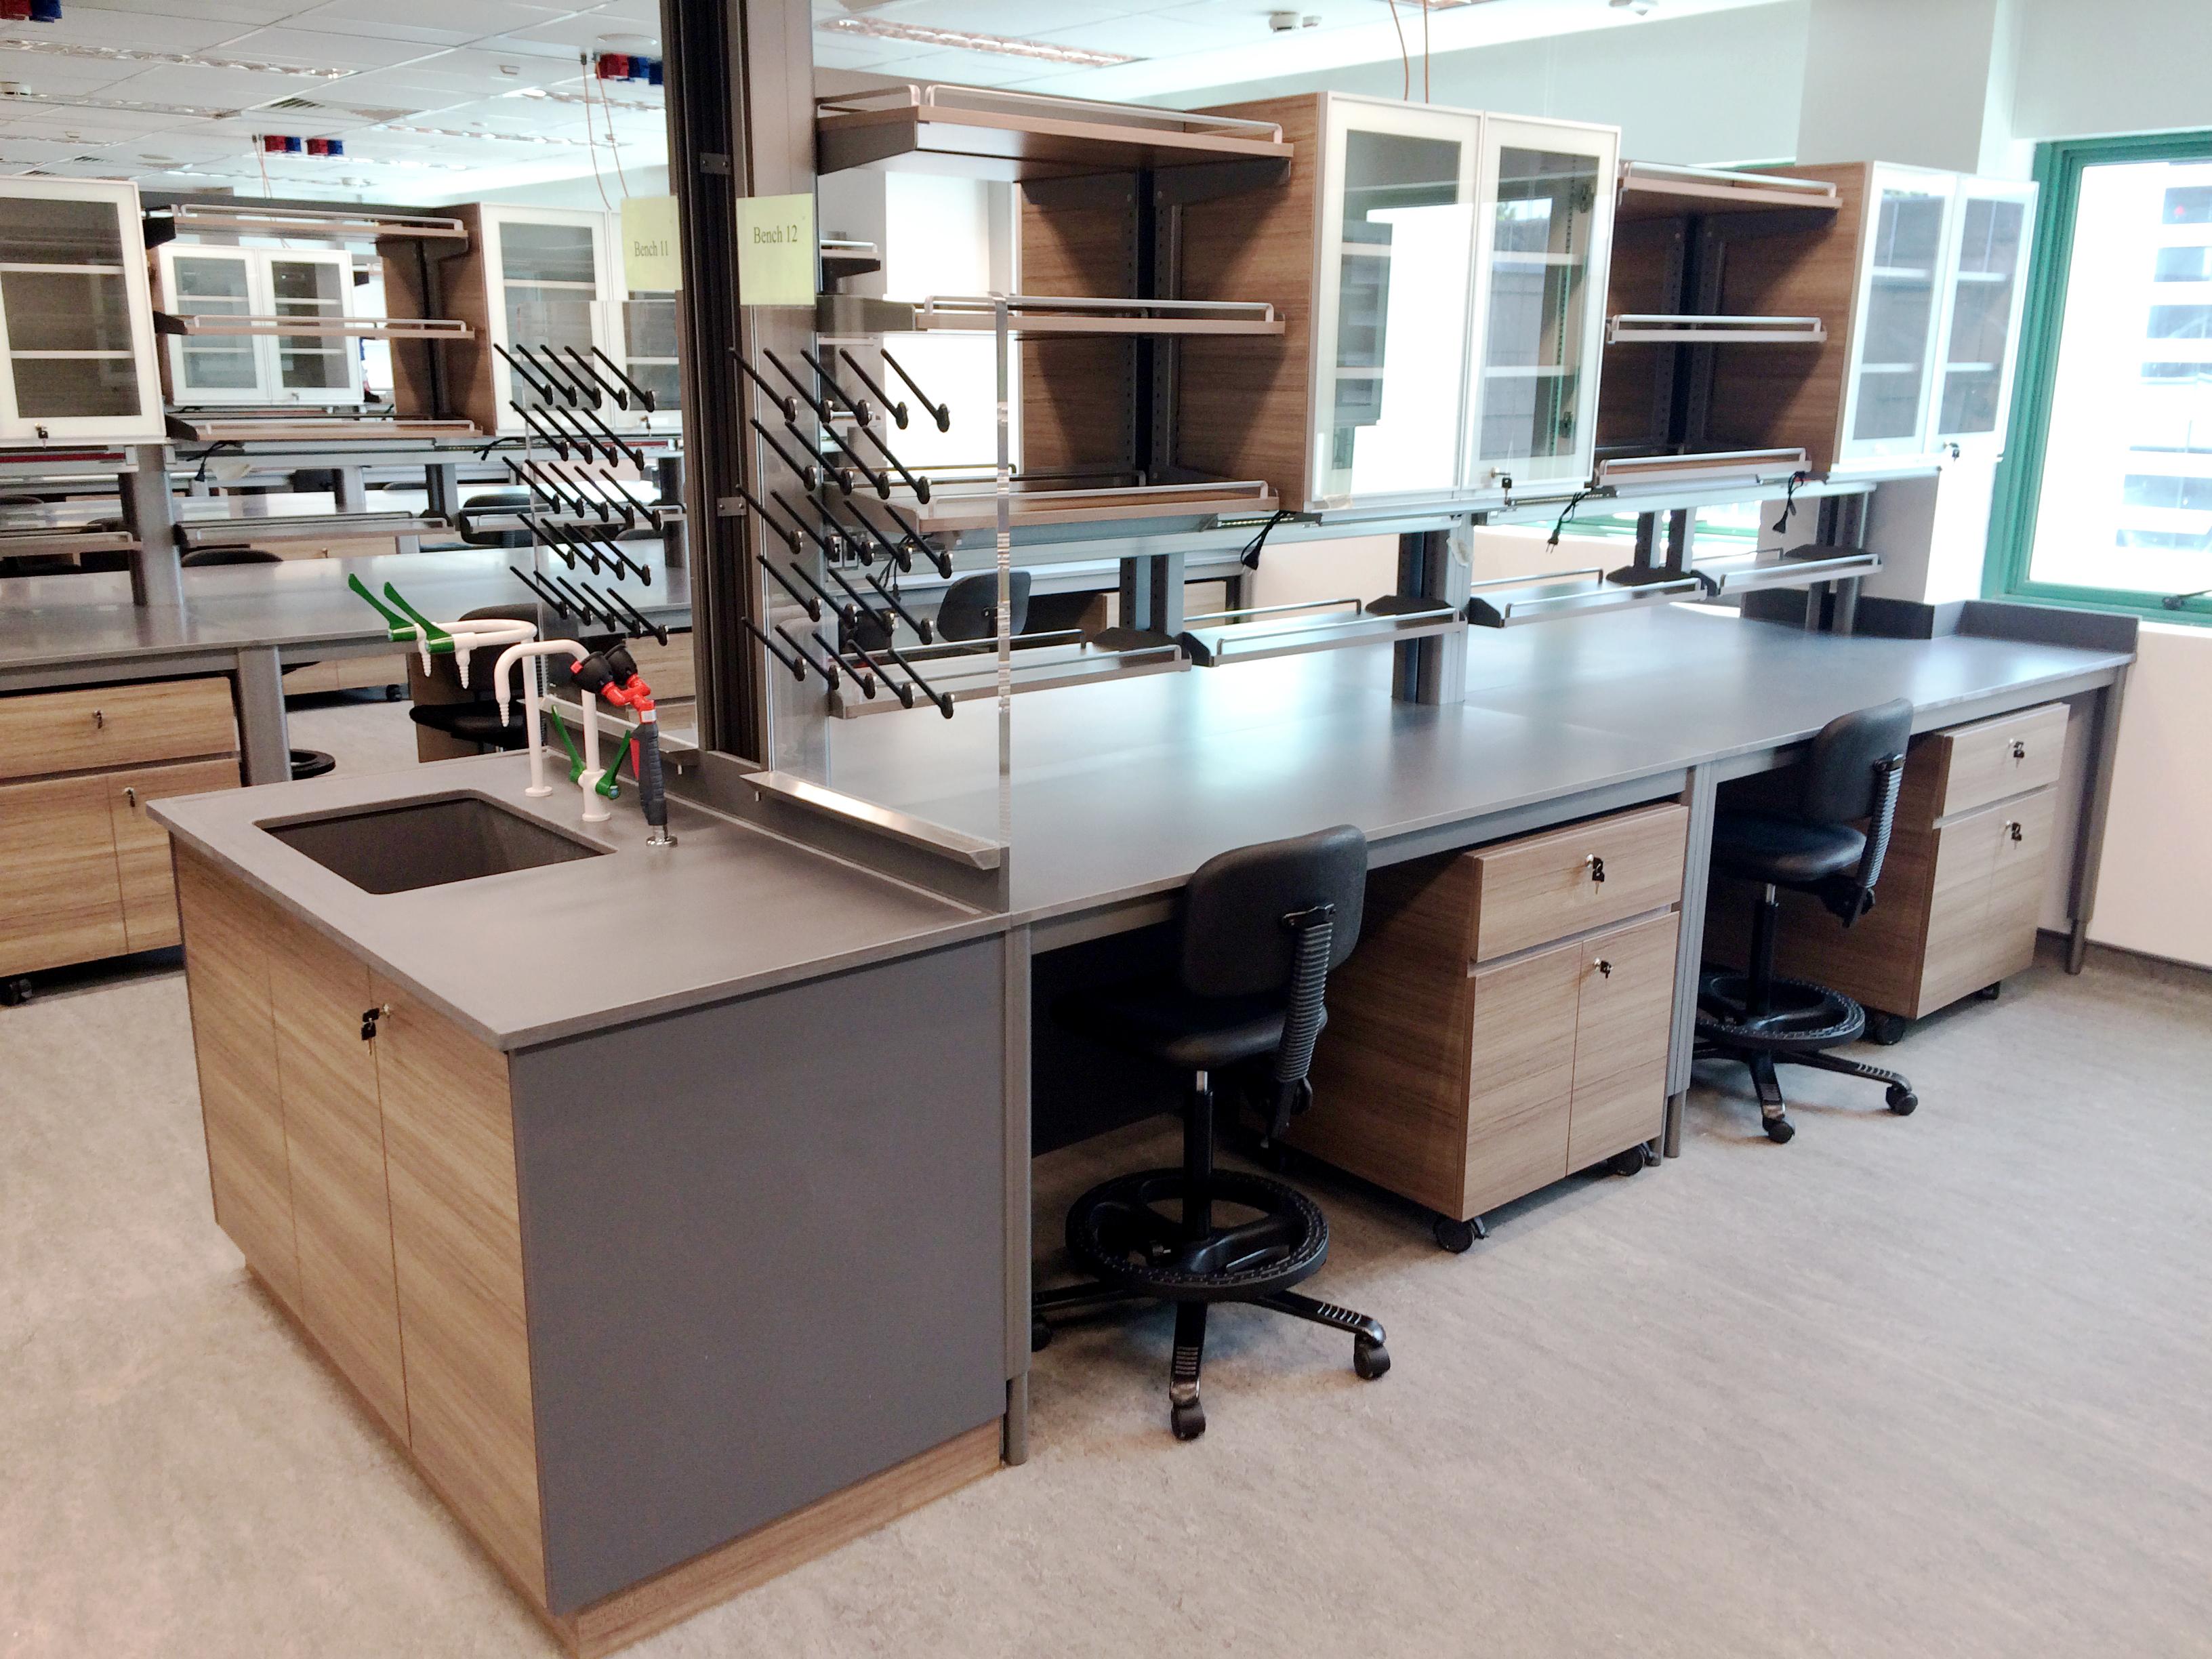 Hybrid Lab Bench 1 Systmz